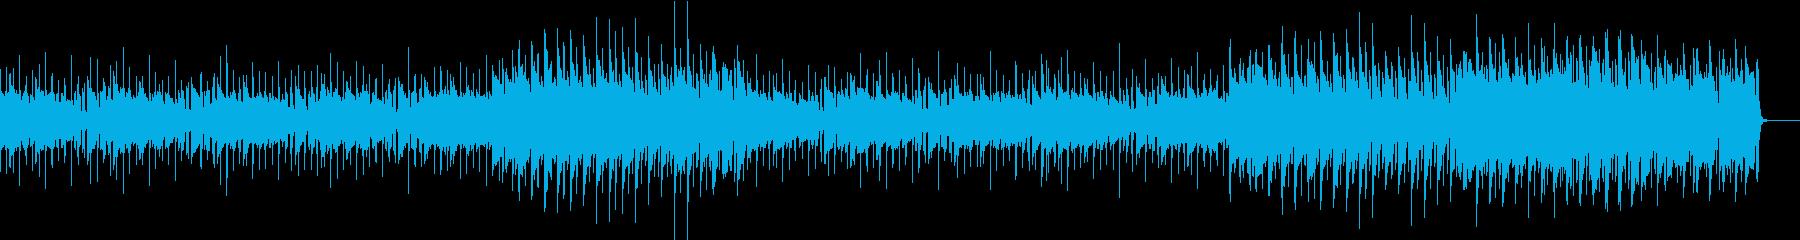 エレピの夜のテーマの再生済みの波形